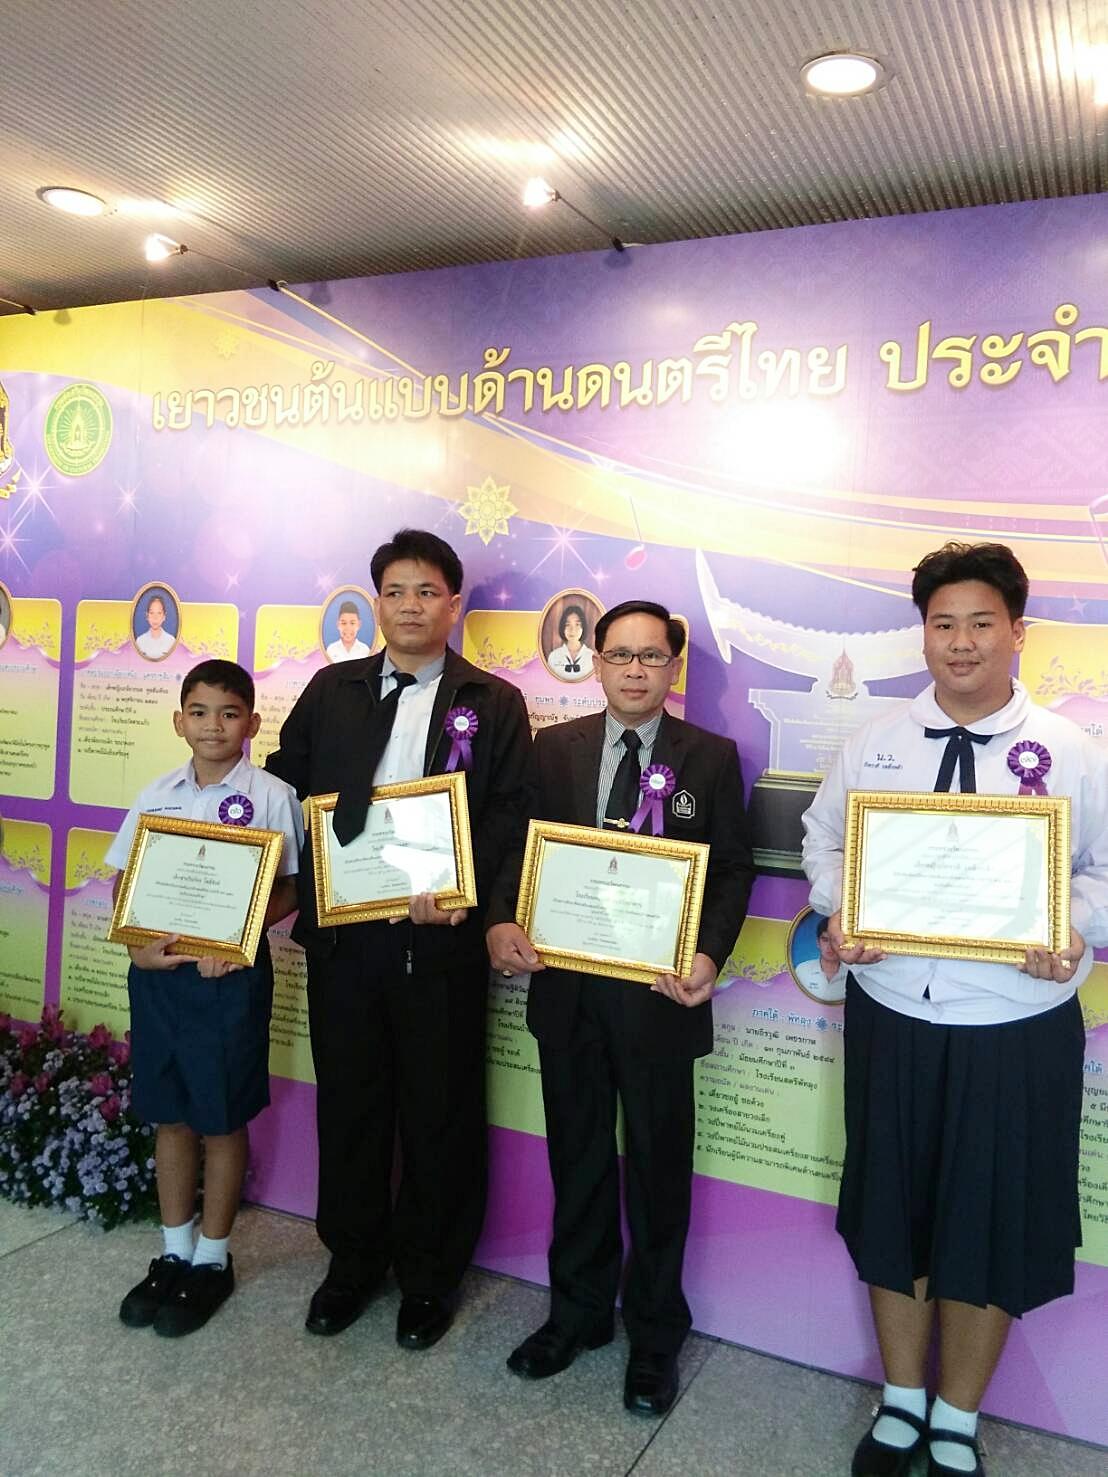 นักเรียนและคุณครูที่ได้รับเกียรติบัตร